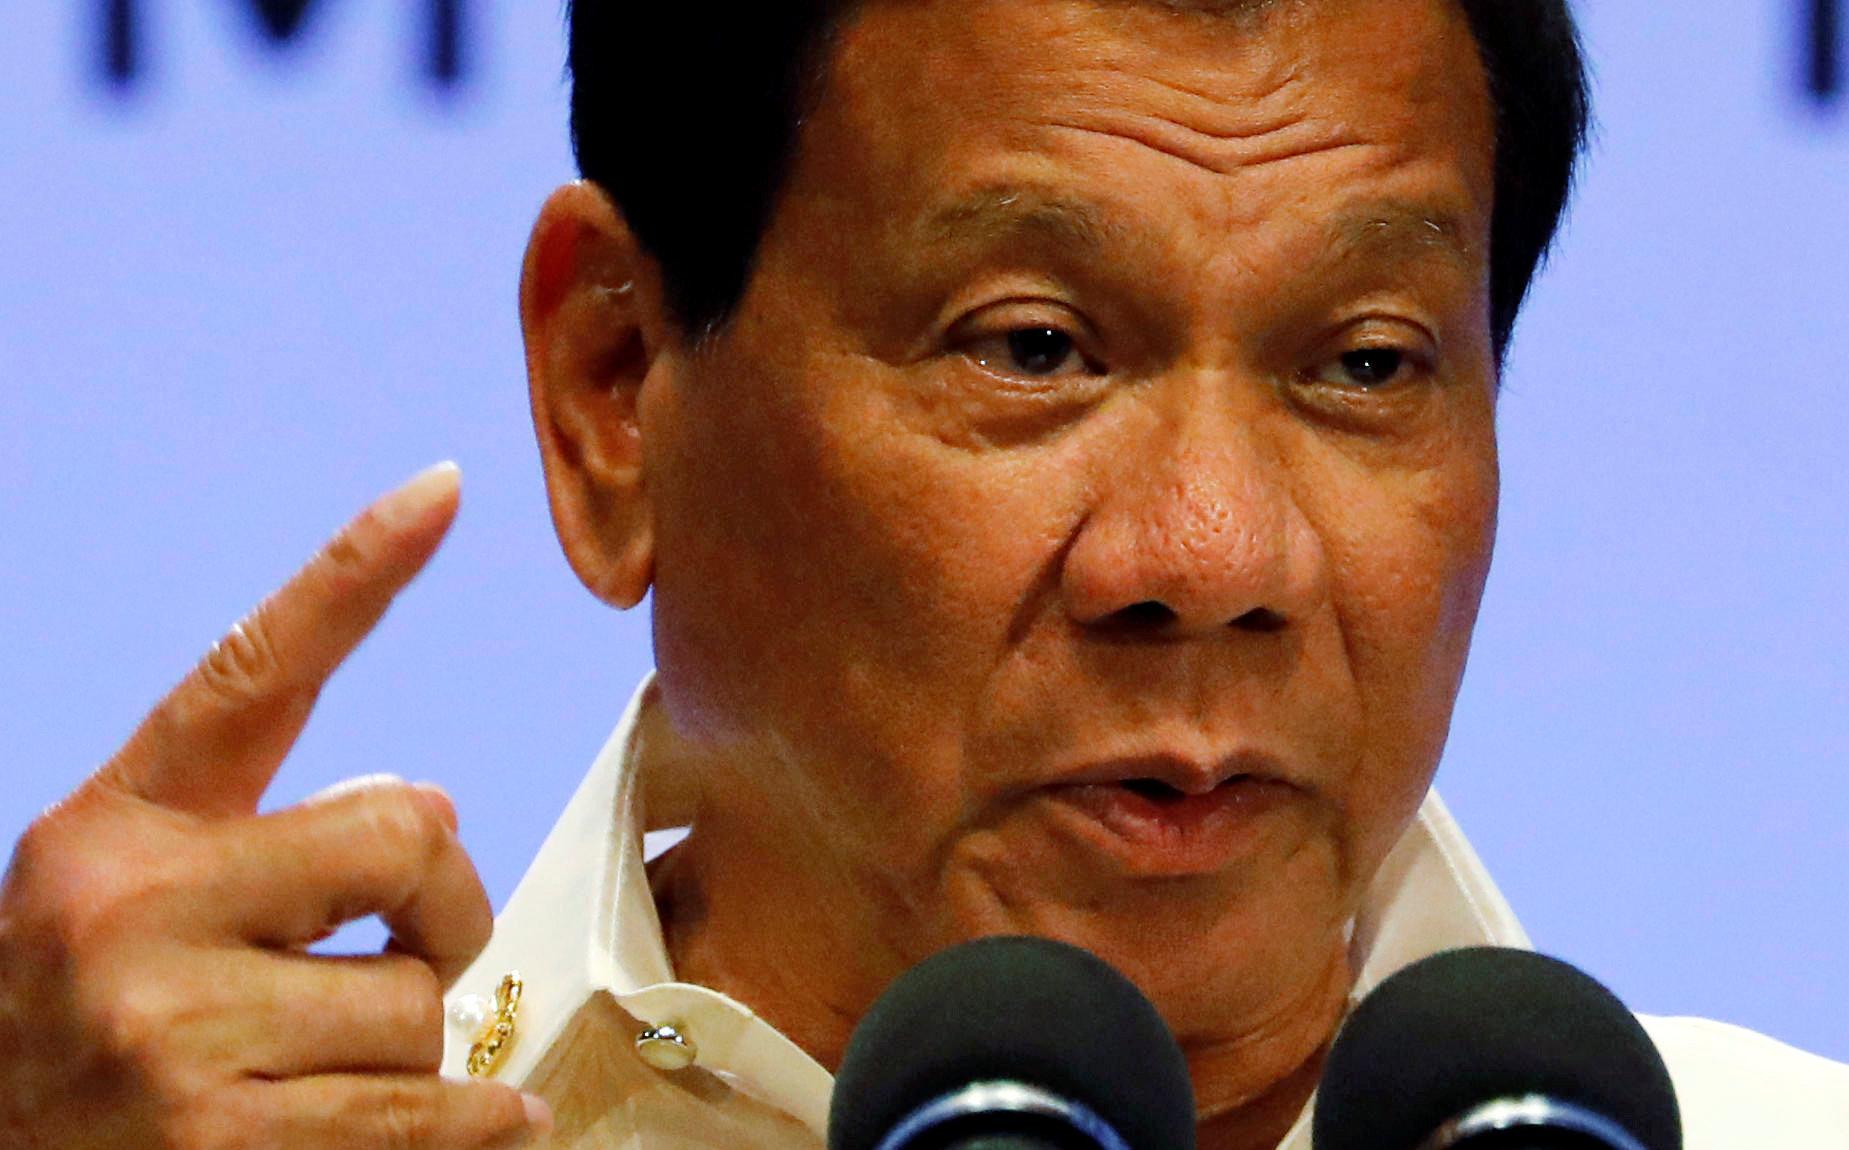 Rodrigo Duterte é acusado de ordenar execuções à margem da lei que terão vitimado milhares de pessoas.